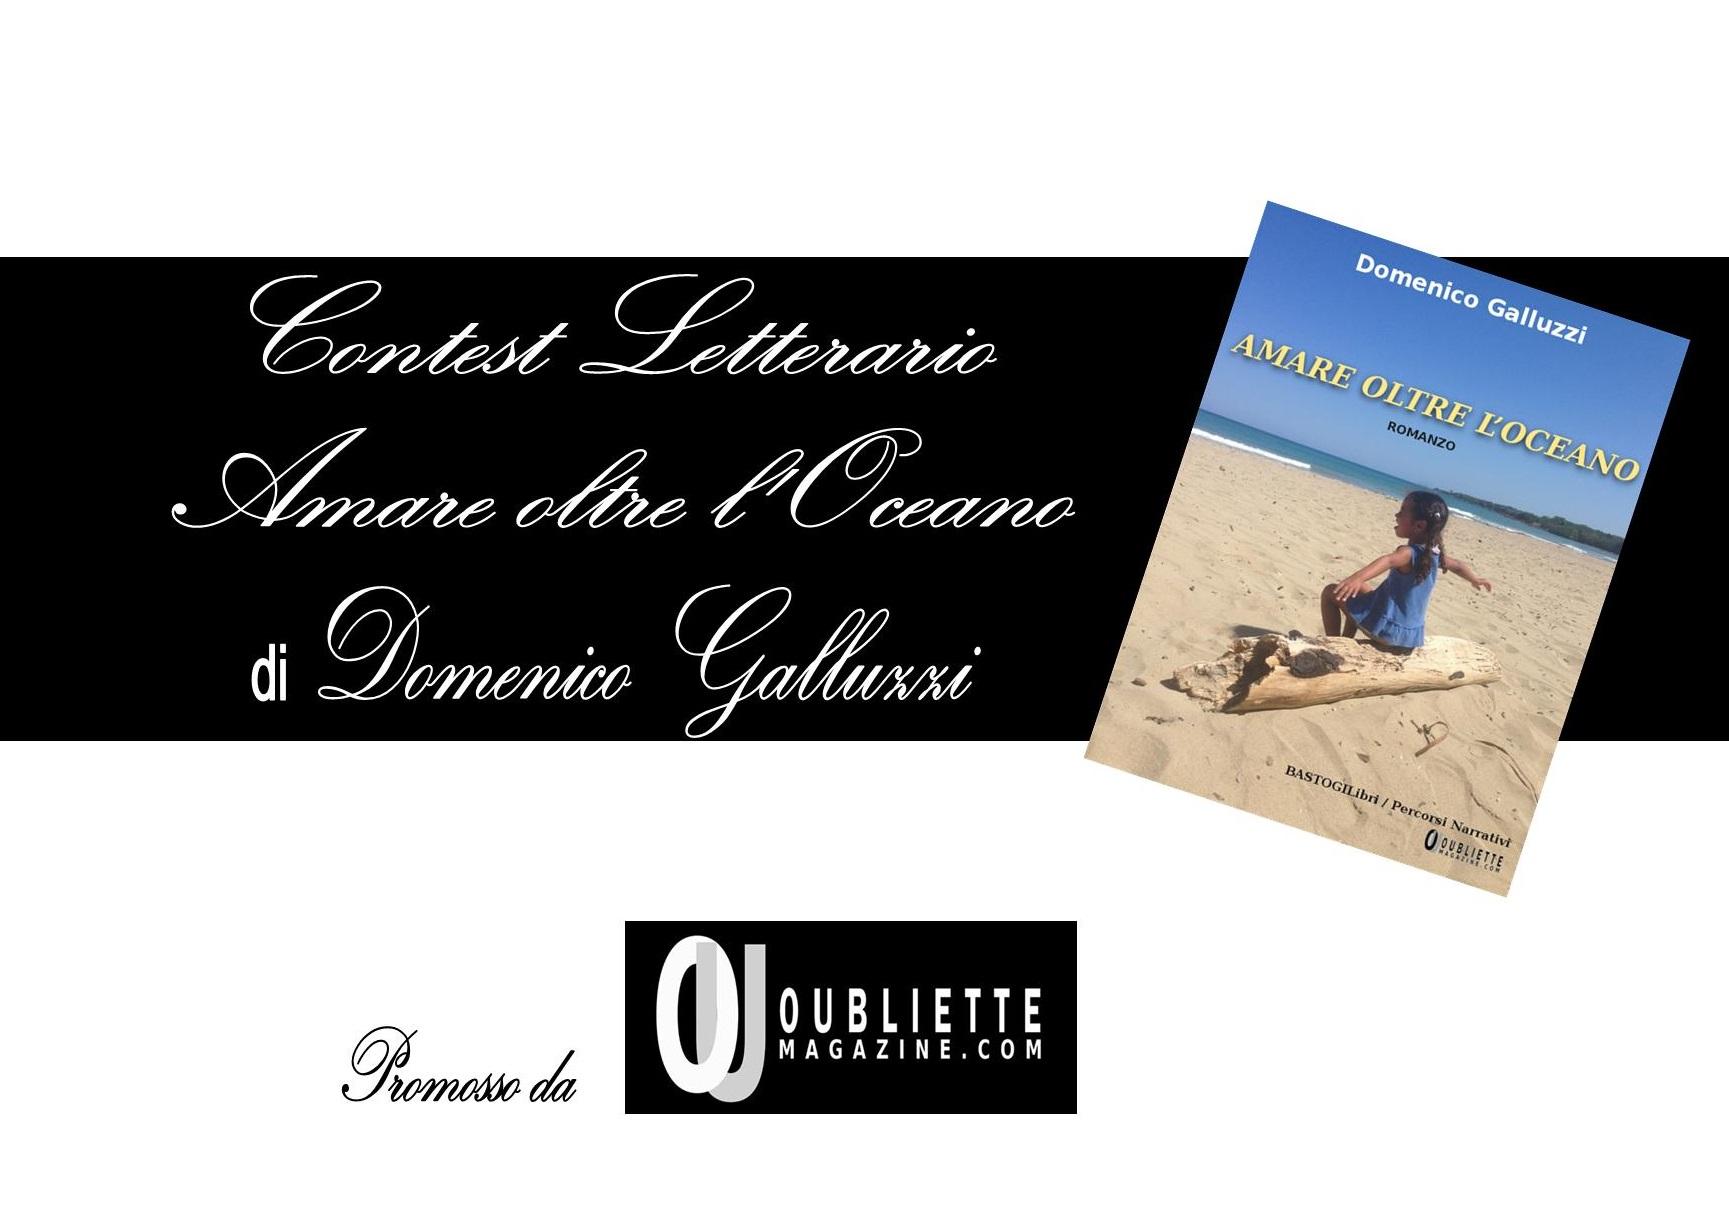 """Contest letterario gratuito di prosa e poesia """"Amare oltre l'oceano"""""""